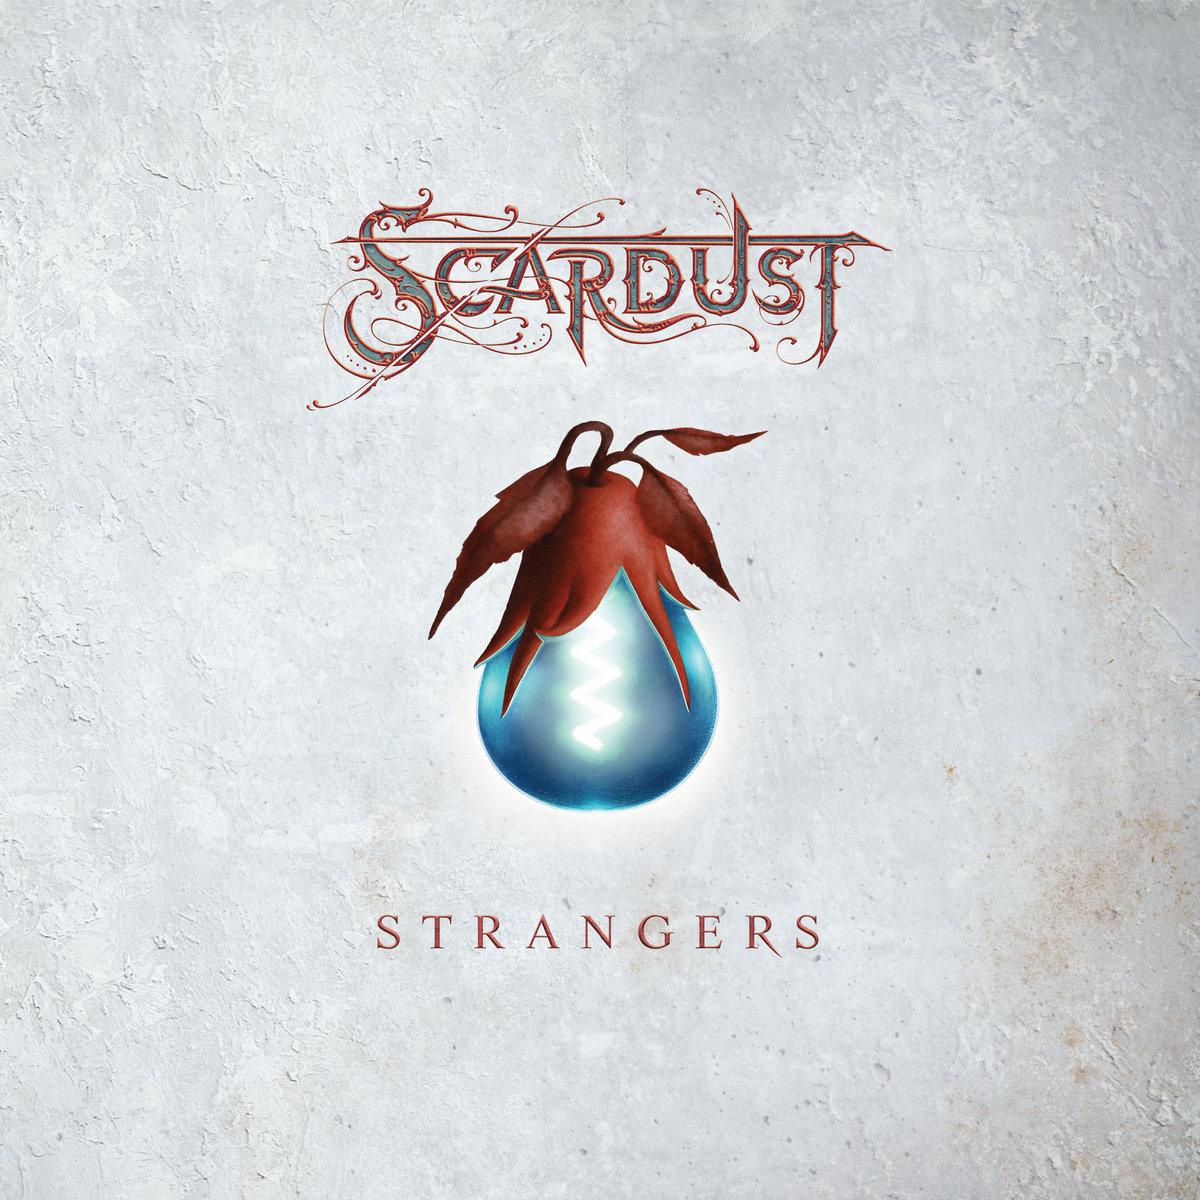 Scardust: Strangers